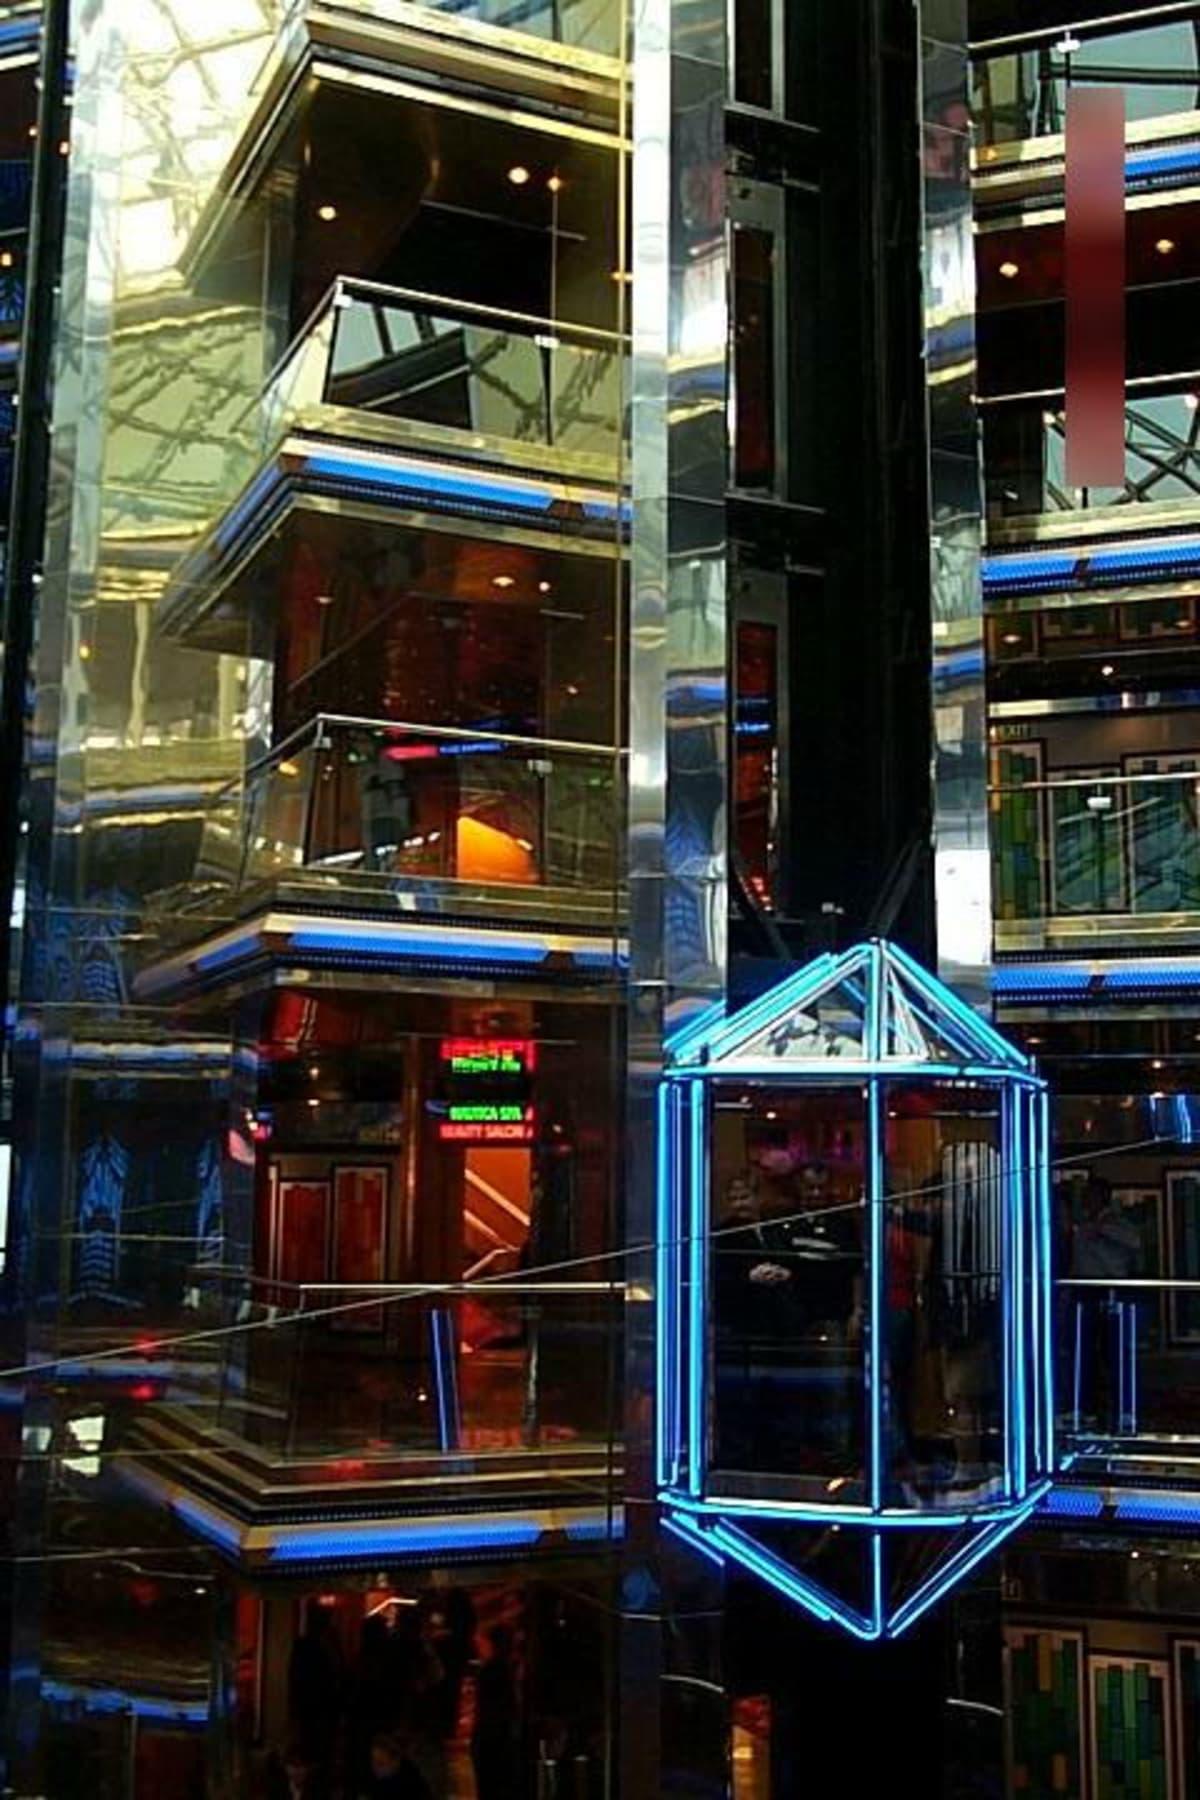 直線的な装飾に時代を感じます。 | 客船カーニバル・エクスタシーの船内施設